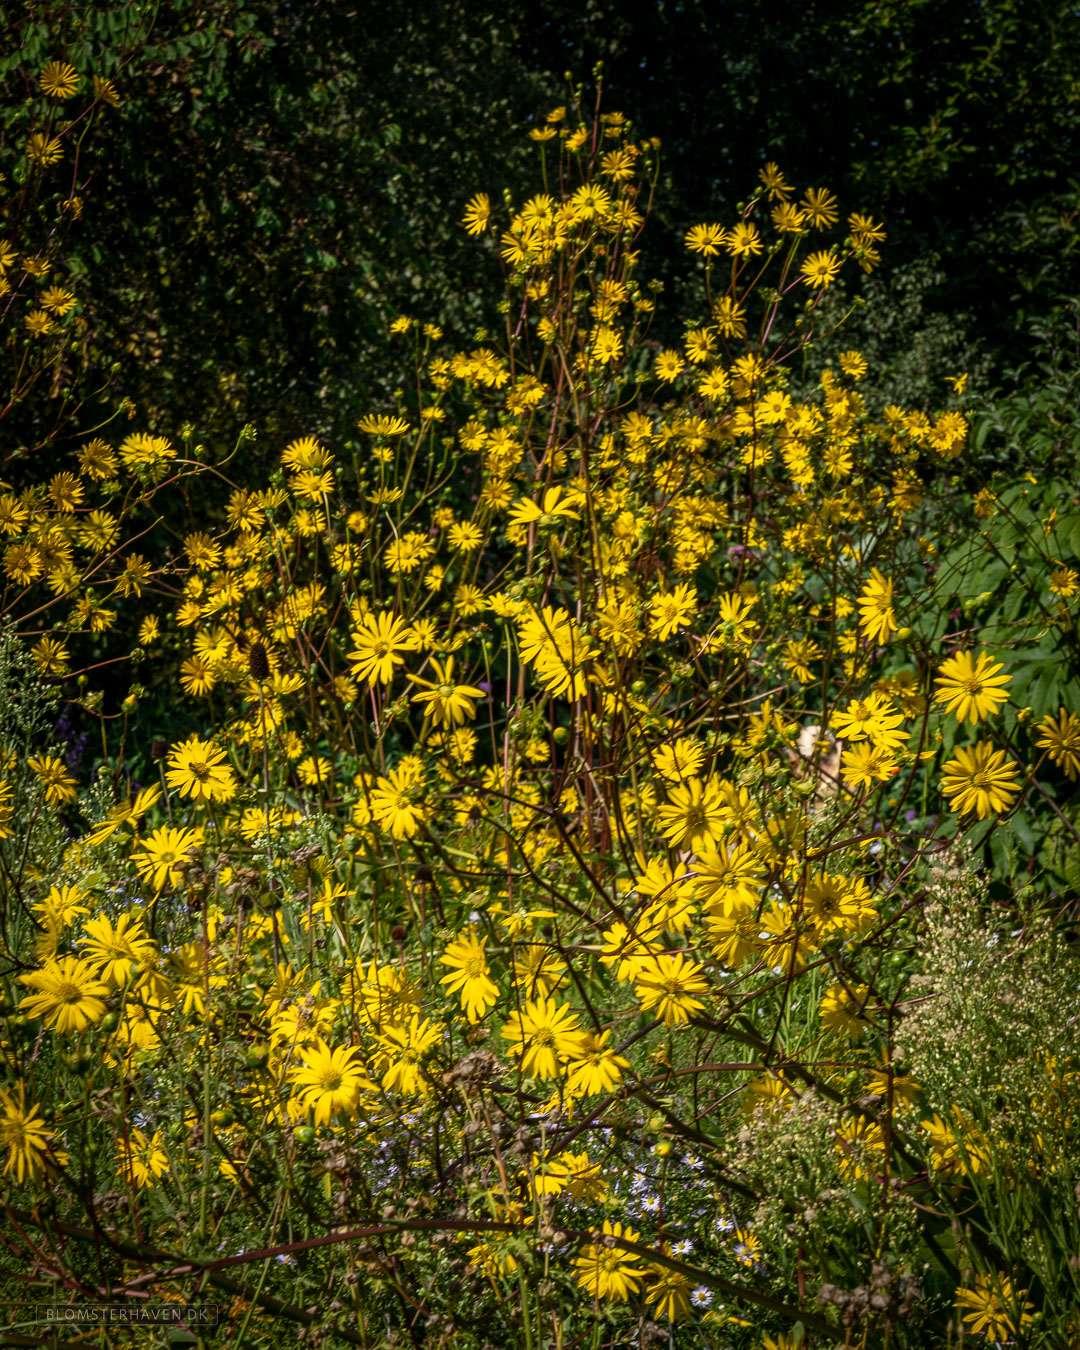 Pilebladet solsikke, Helianthus salicifolius får smukke gule blomster og bliver op til 2 meter høj